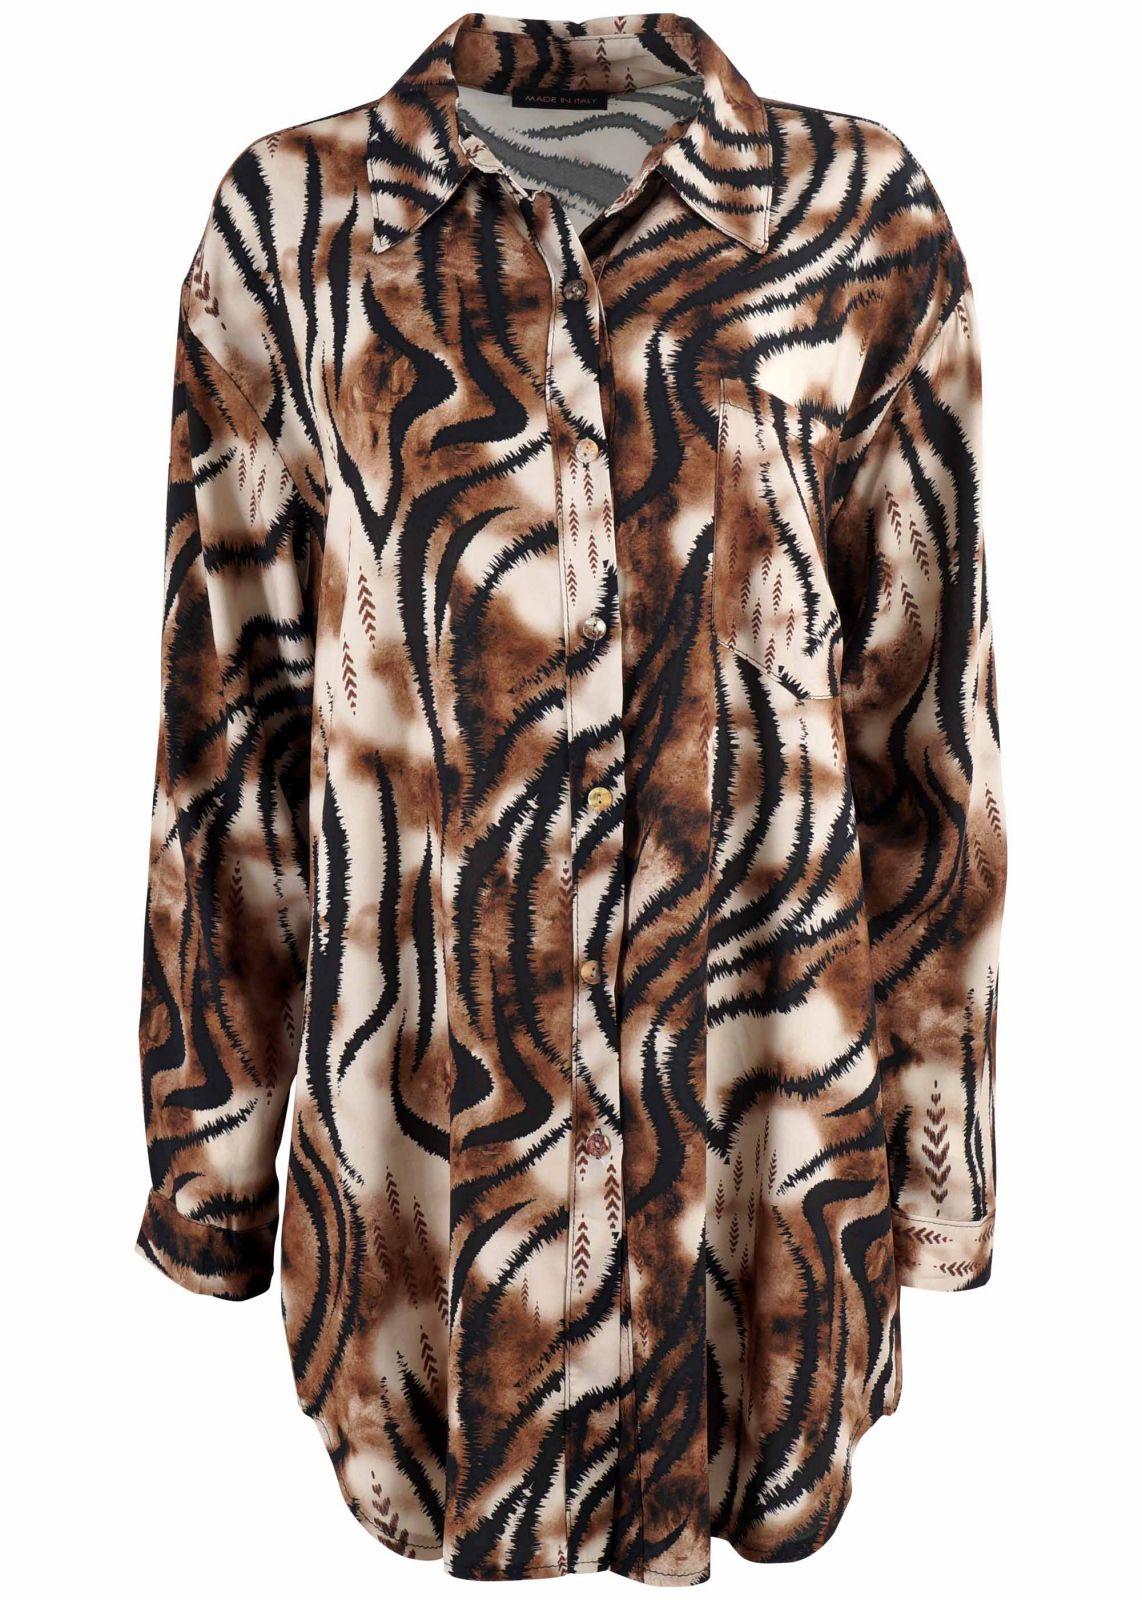 Γυναικεία πουκαμίσα animal print σε loose γραμμή. ΜΑΥΡΟ